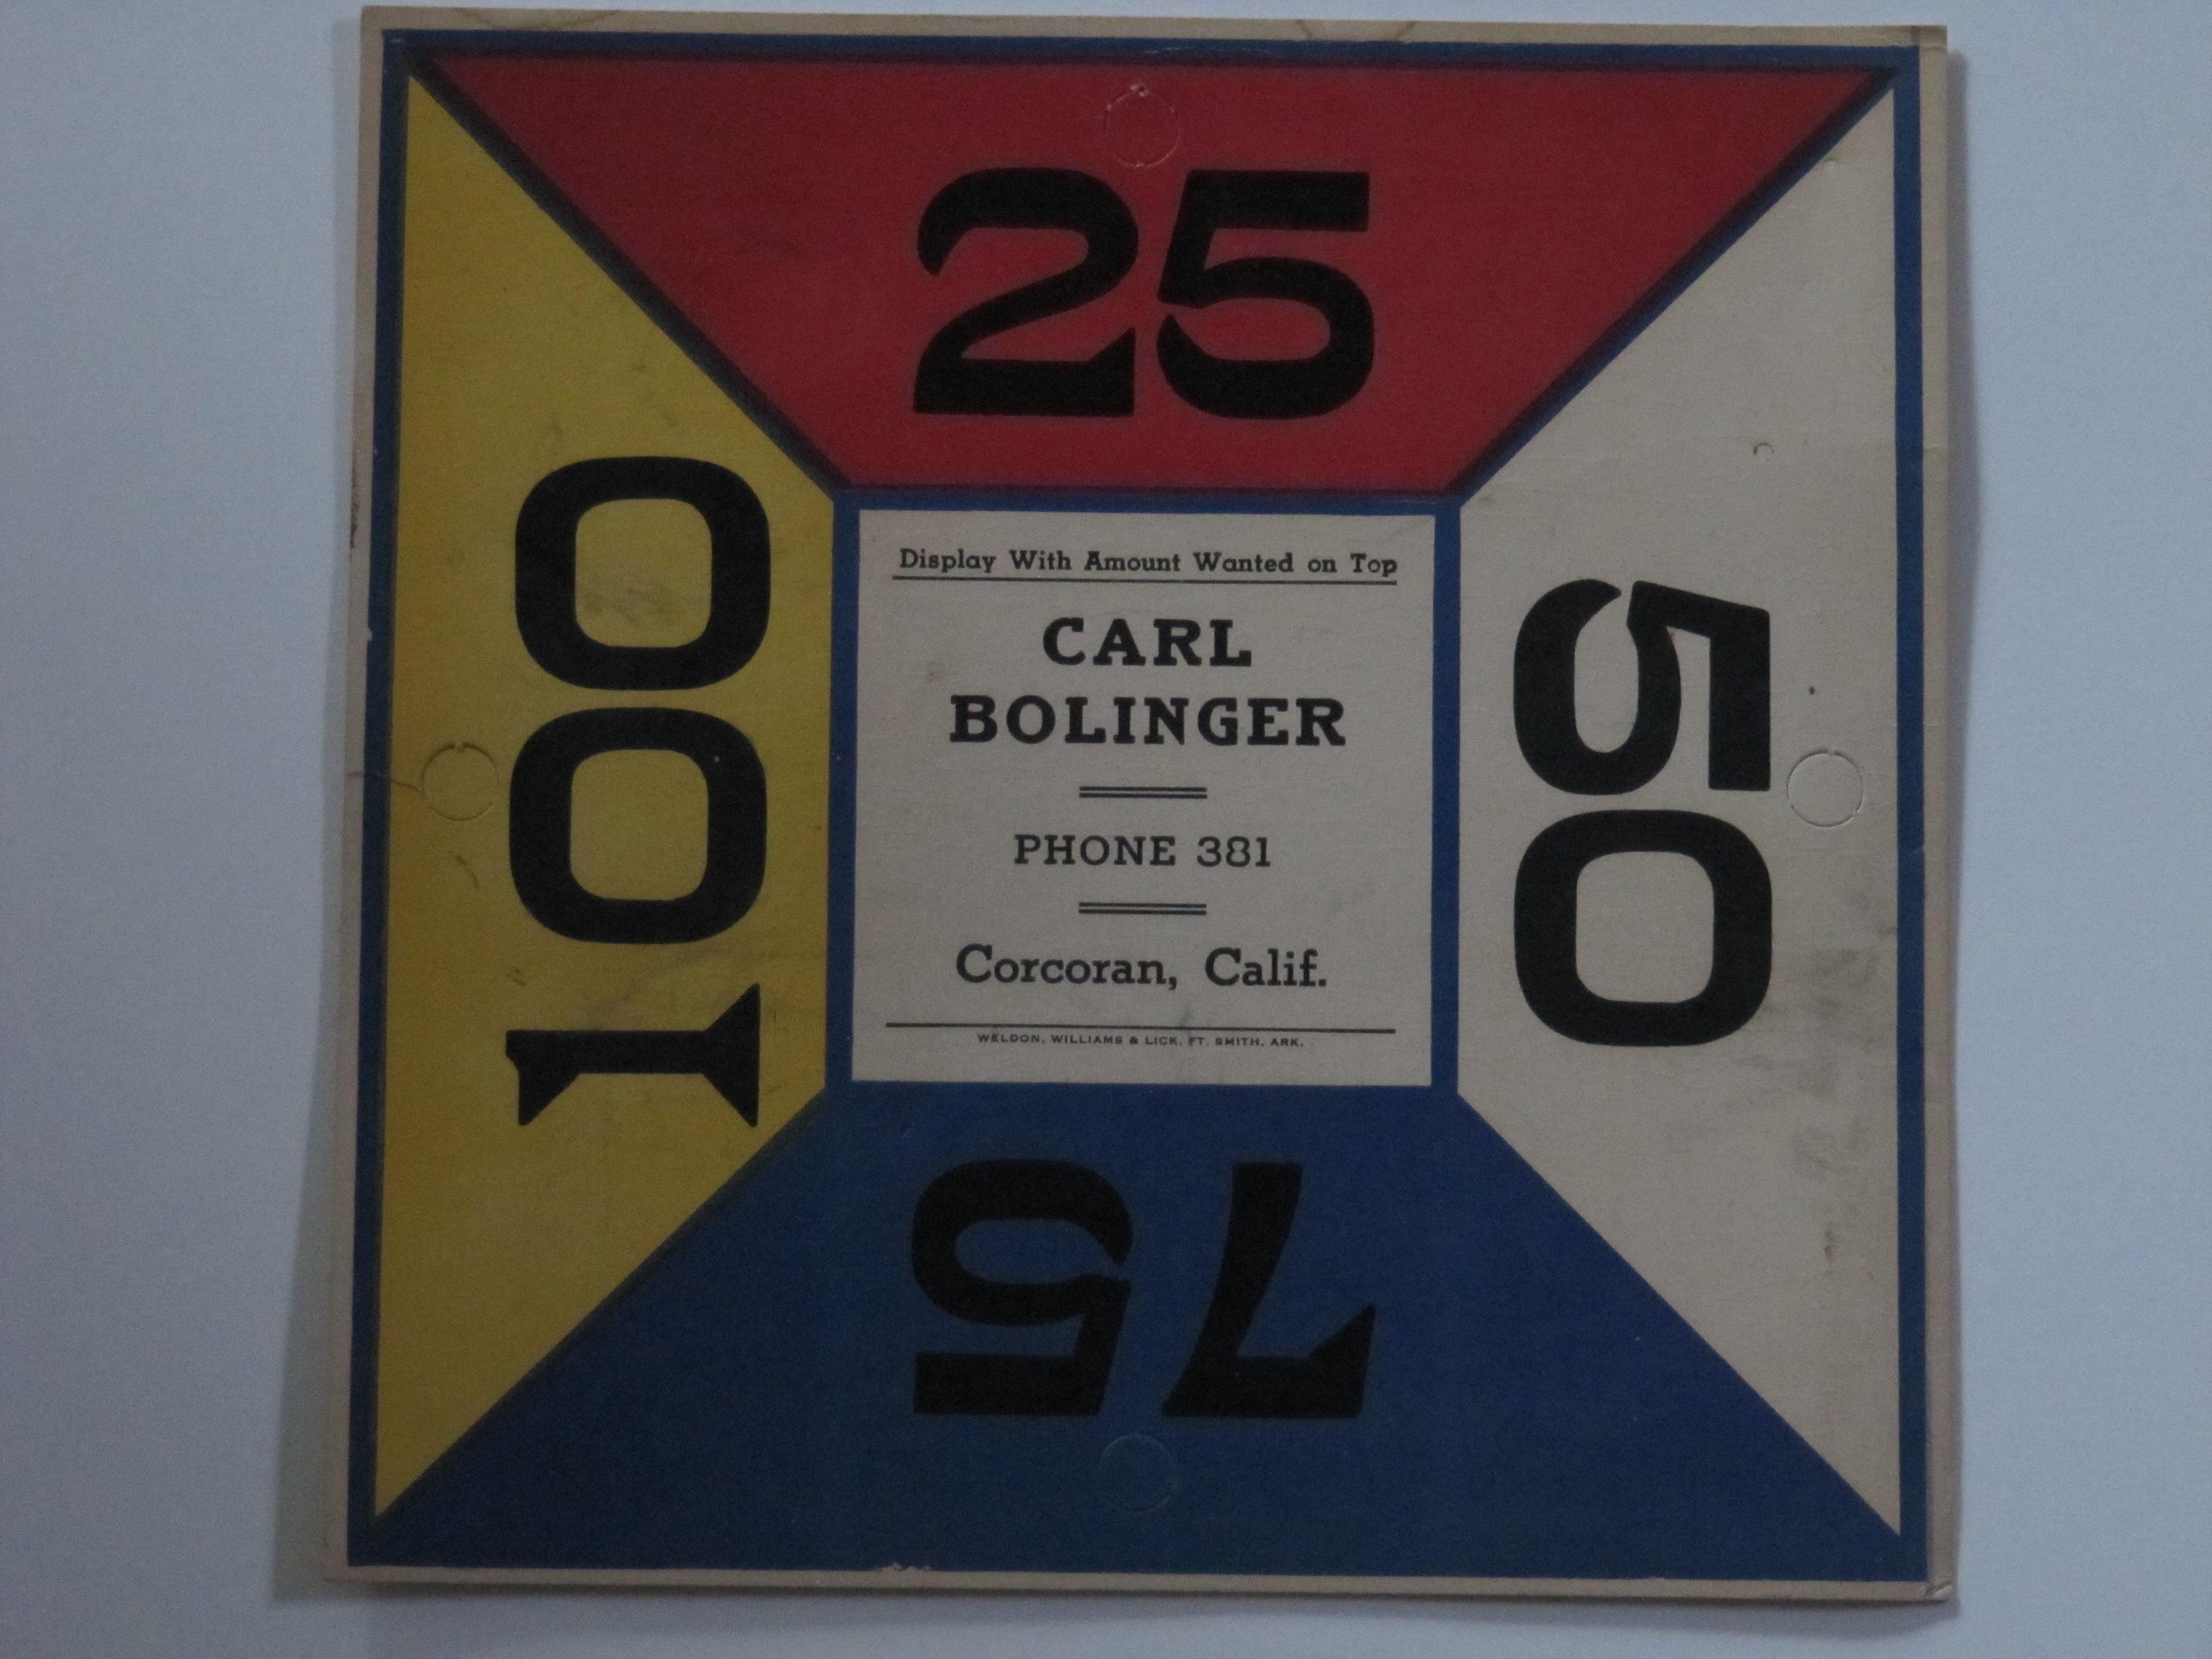 Carl Bolinger